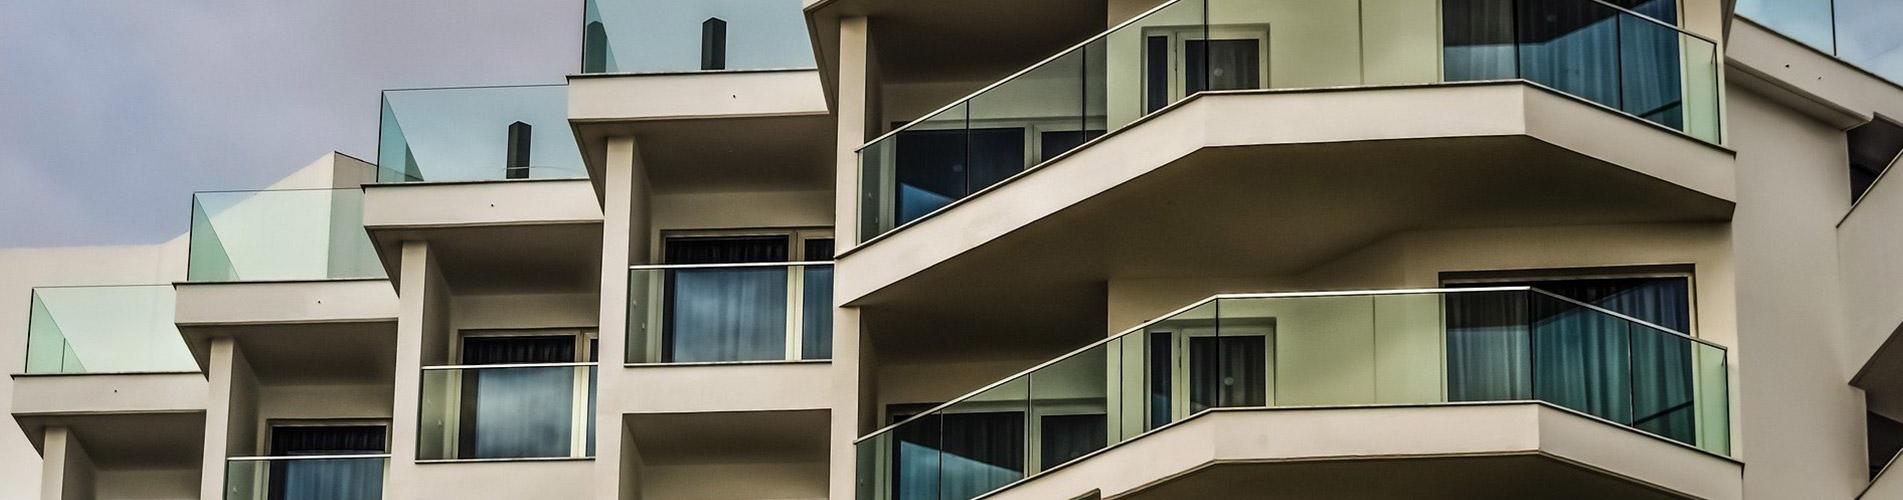 Comment estimer son appartement avec terrasse?